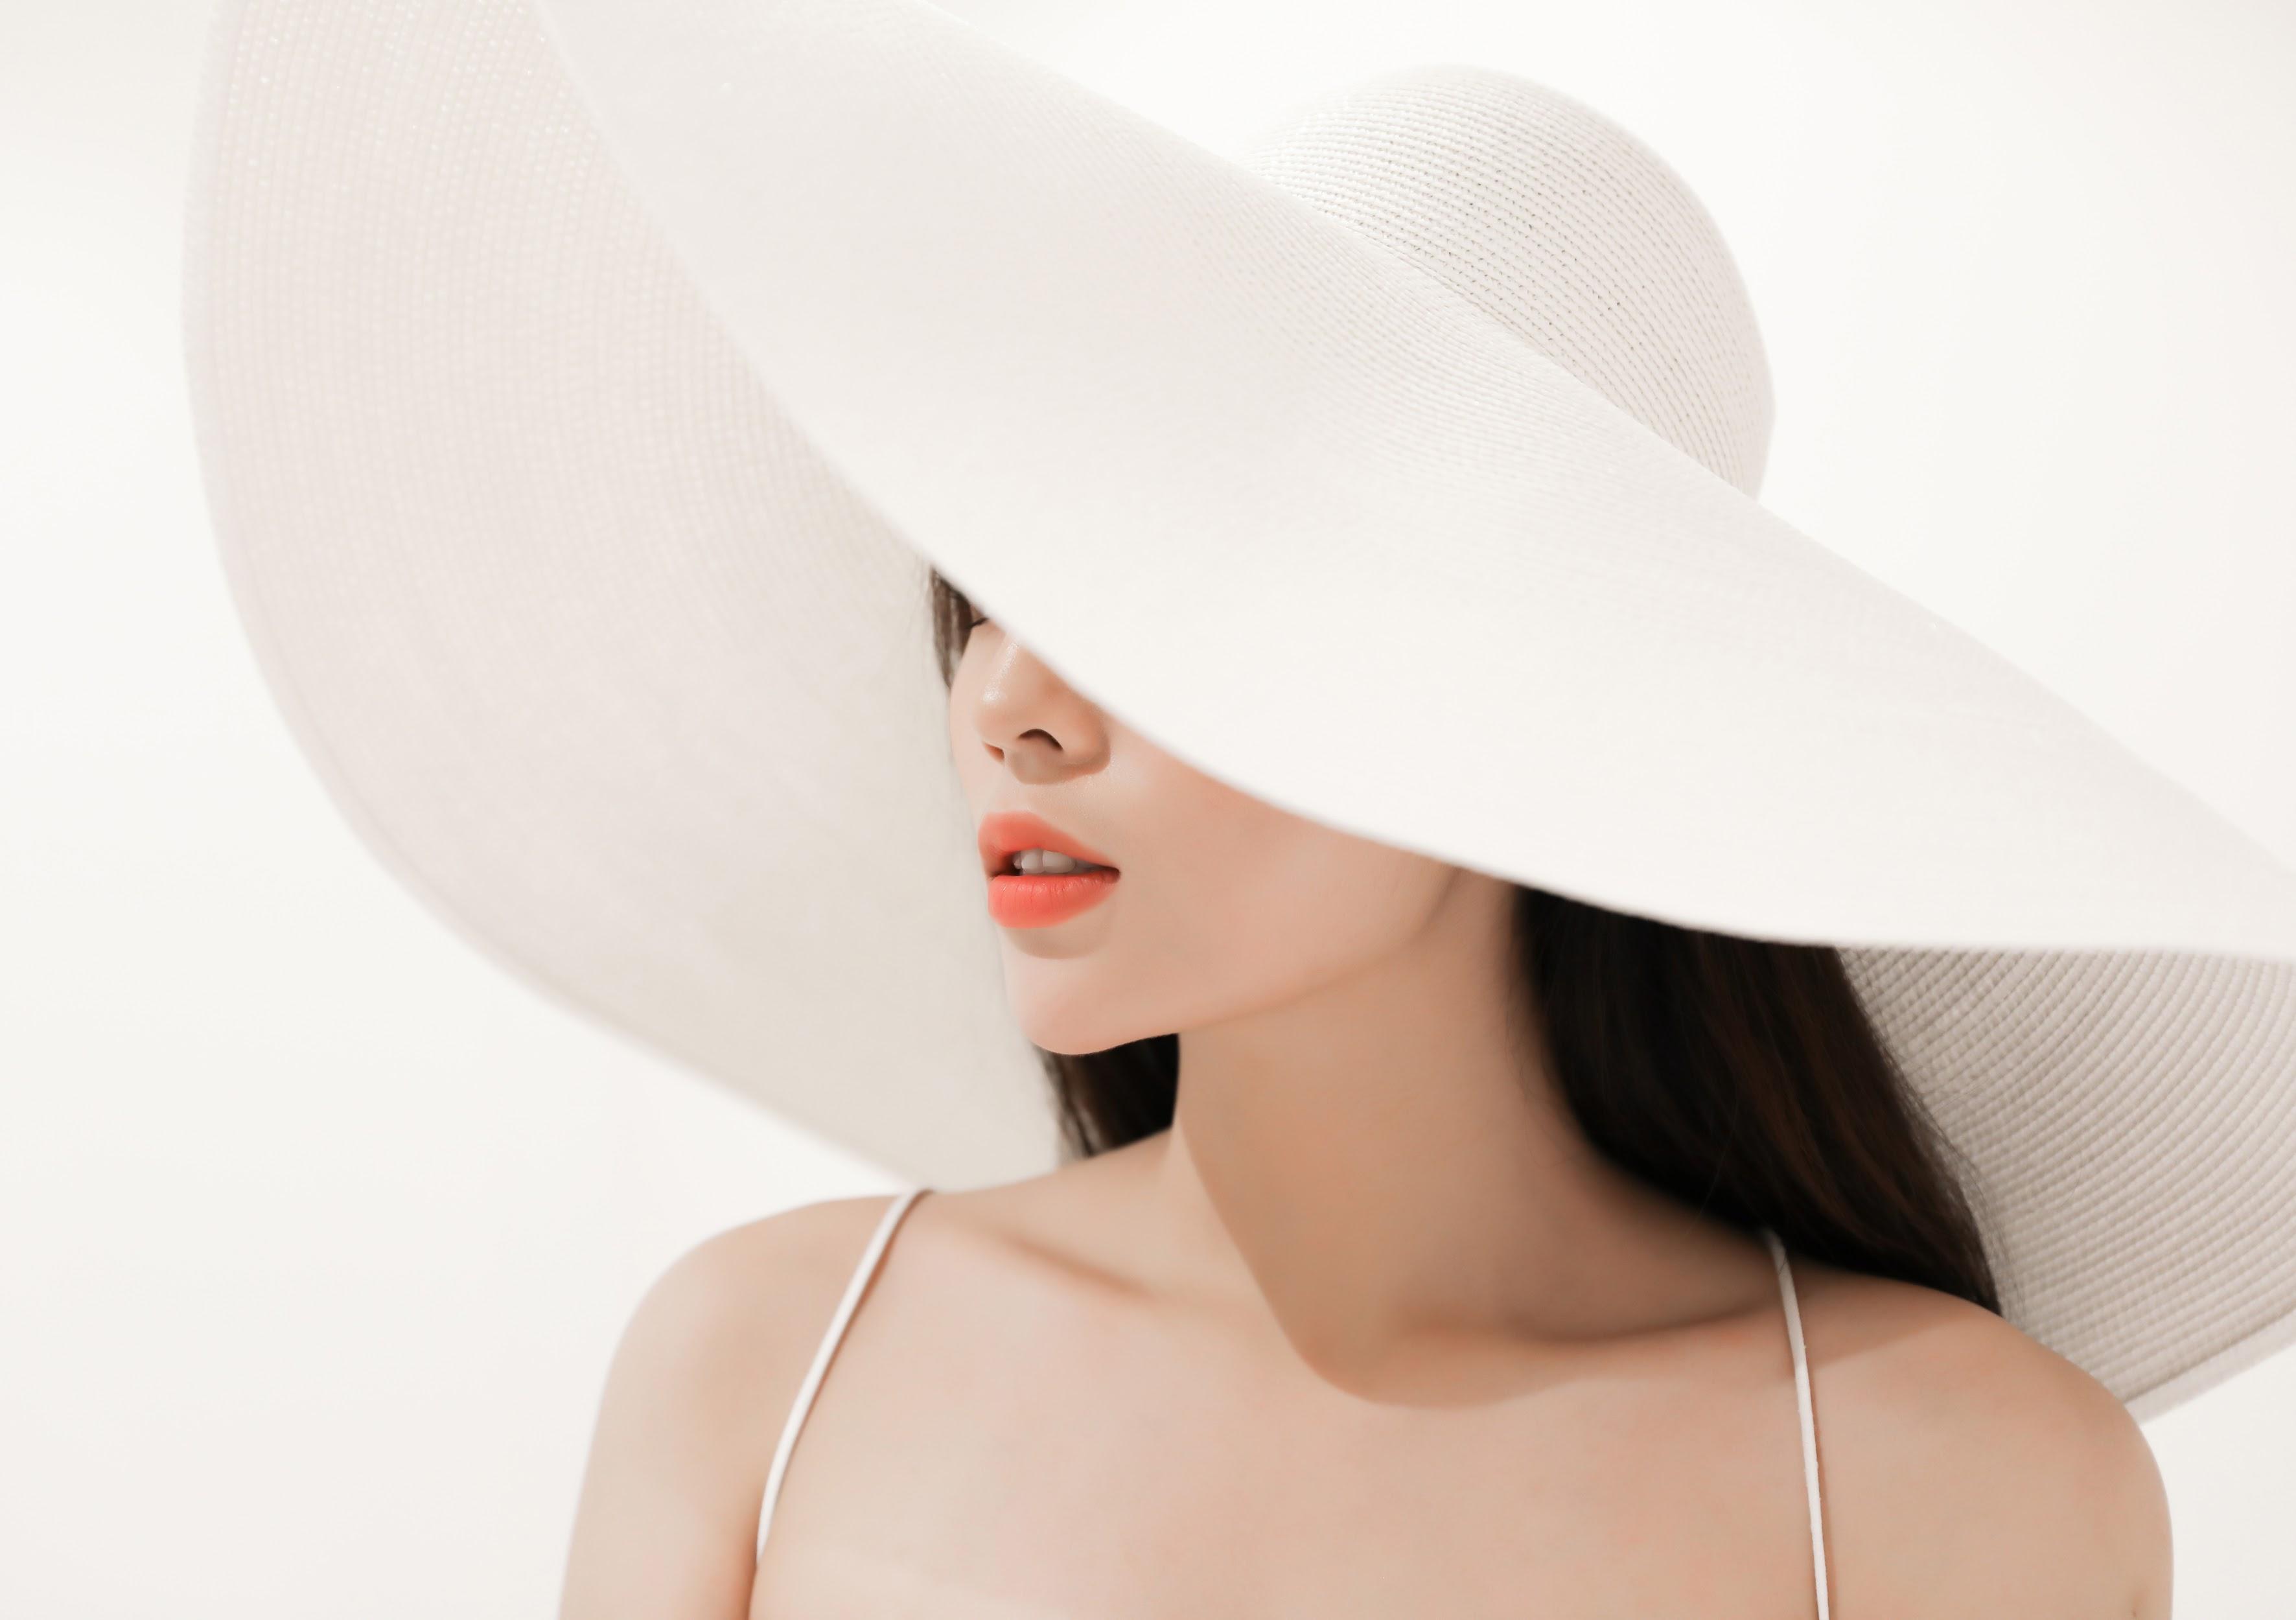 Chiếc mũ trắng tinh khôi làm điểm nhấn hoàn hảo cho toàn bộ trang phục.